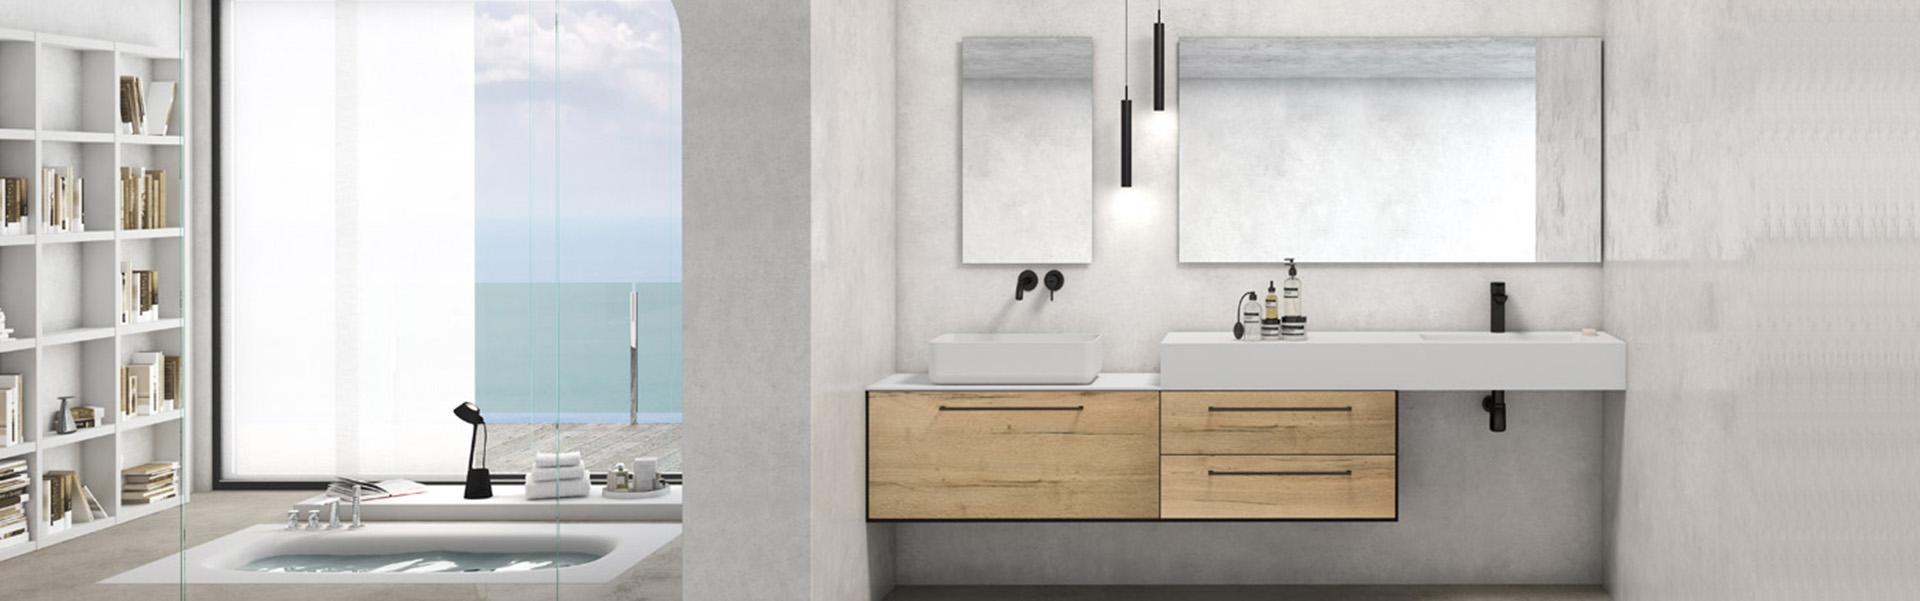 Baños | Cocinas baños muebles de cocina y baño en Palencia ...